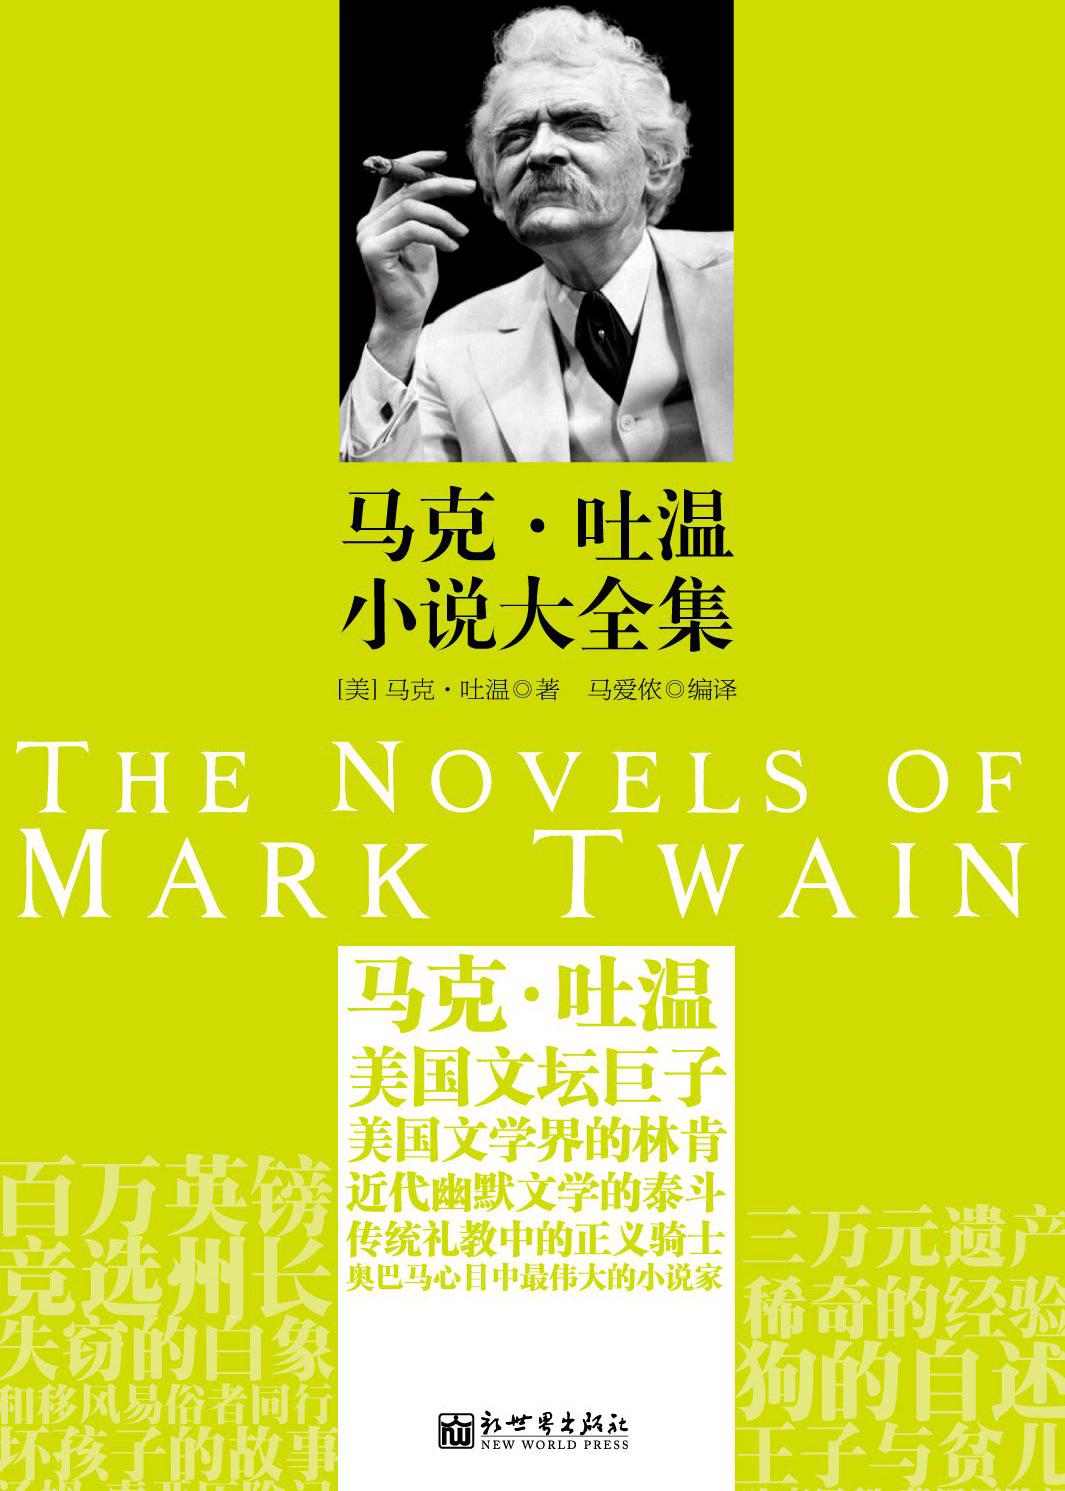 马克·吐温小说大全集